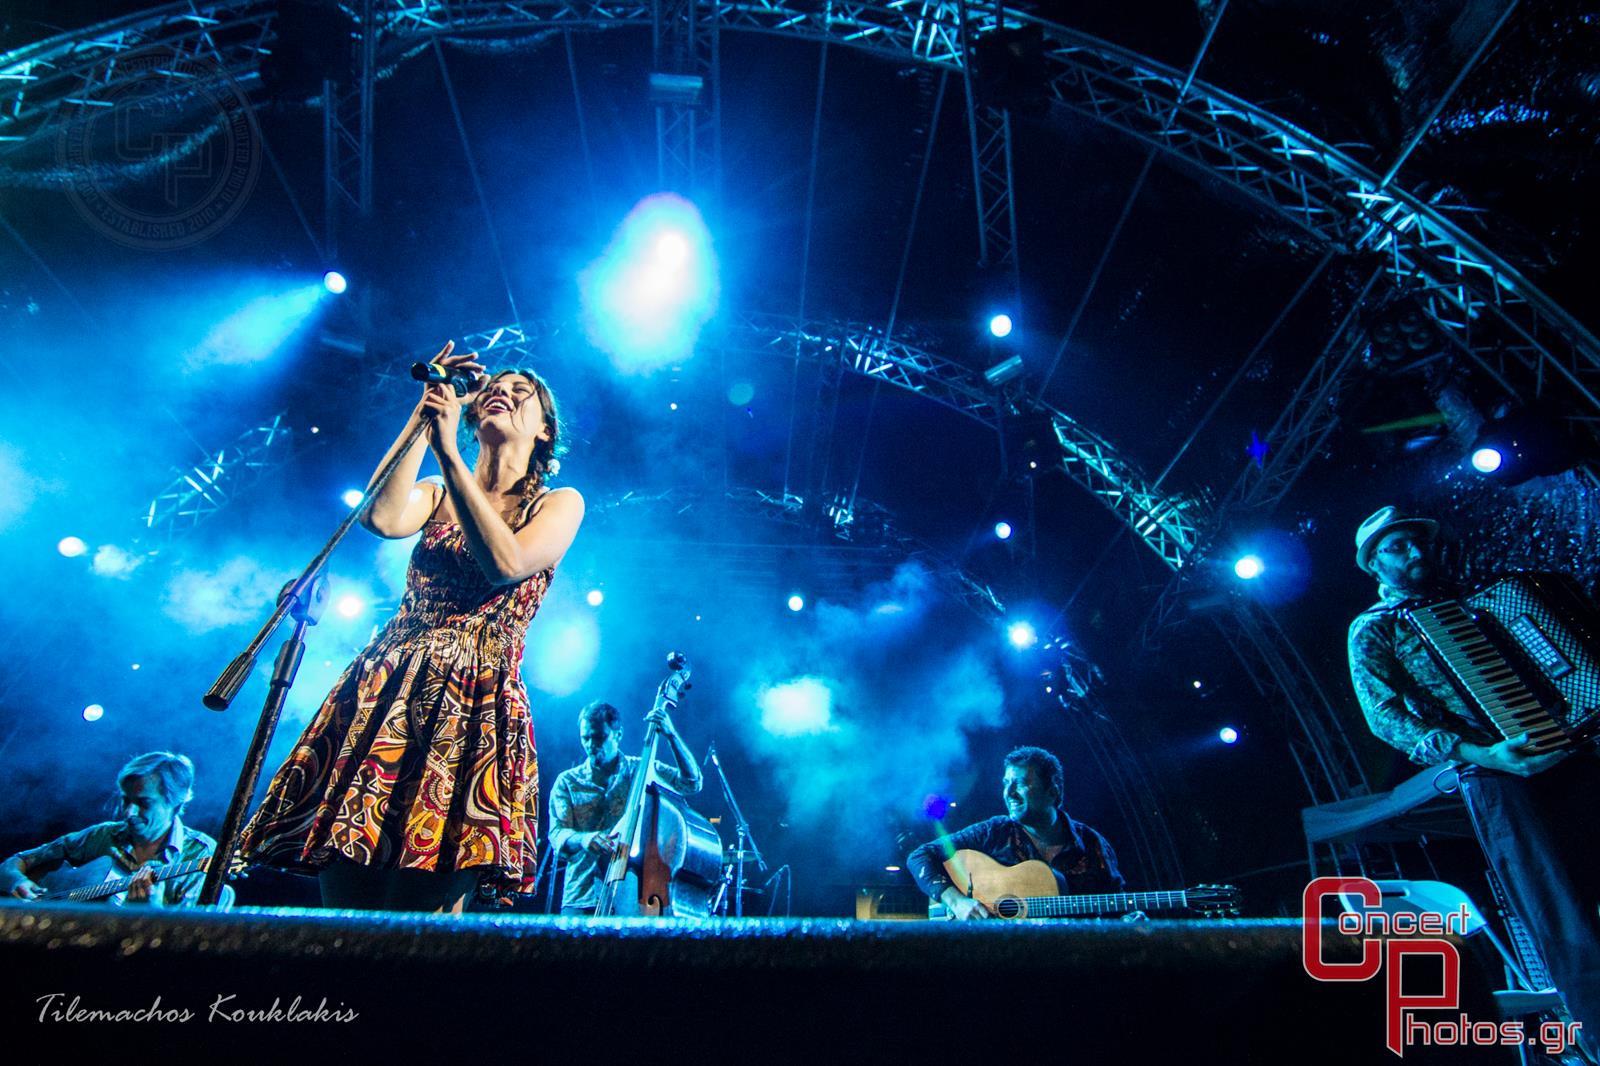 Μία συναυλία για τη Σχεδία 2014-Sxedia 2014 photographer:  - concertphotos_20140530_20_13_34-4